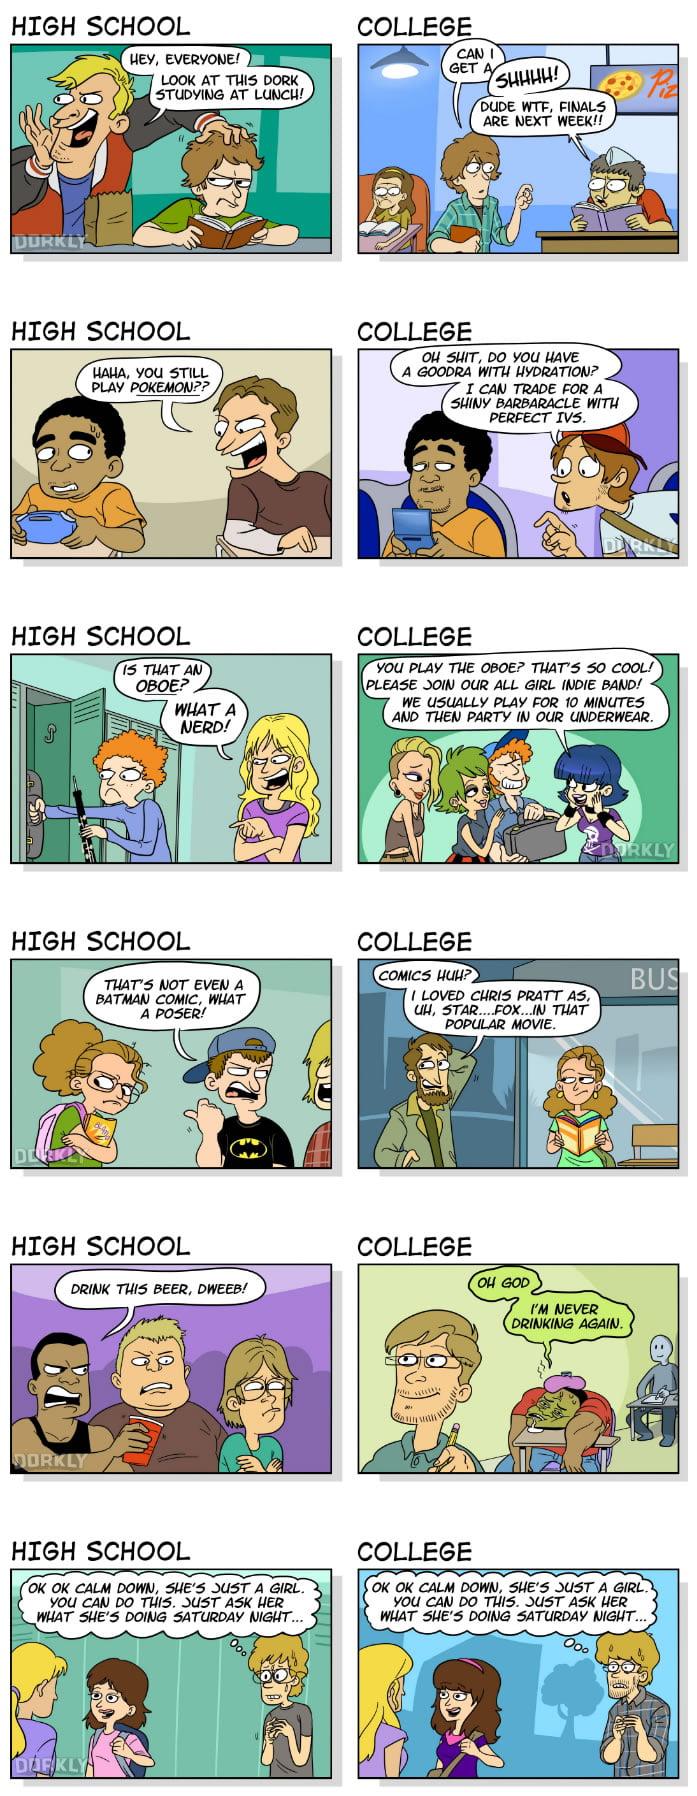 high school versus college